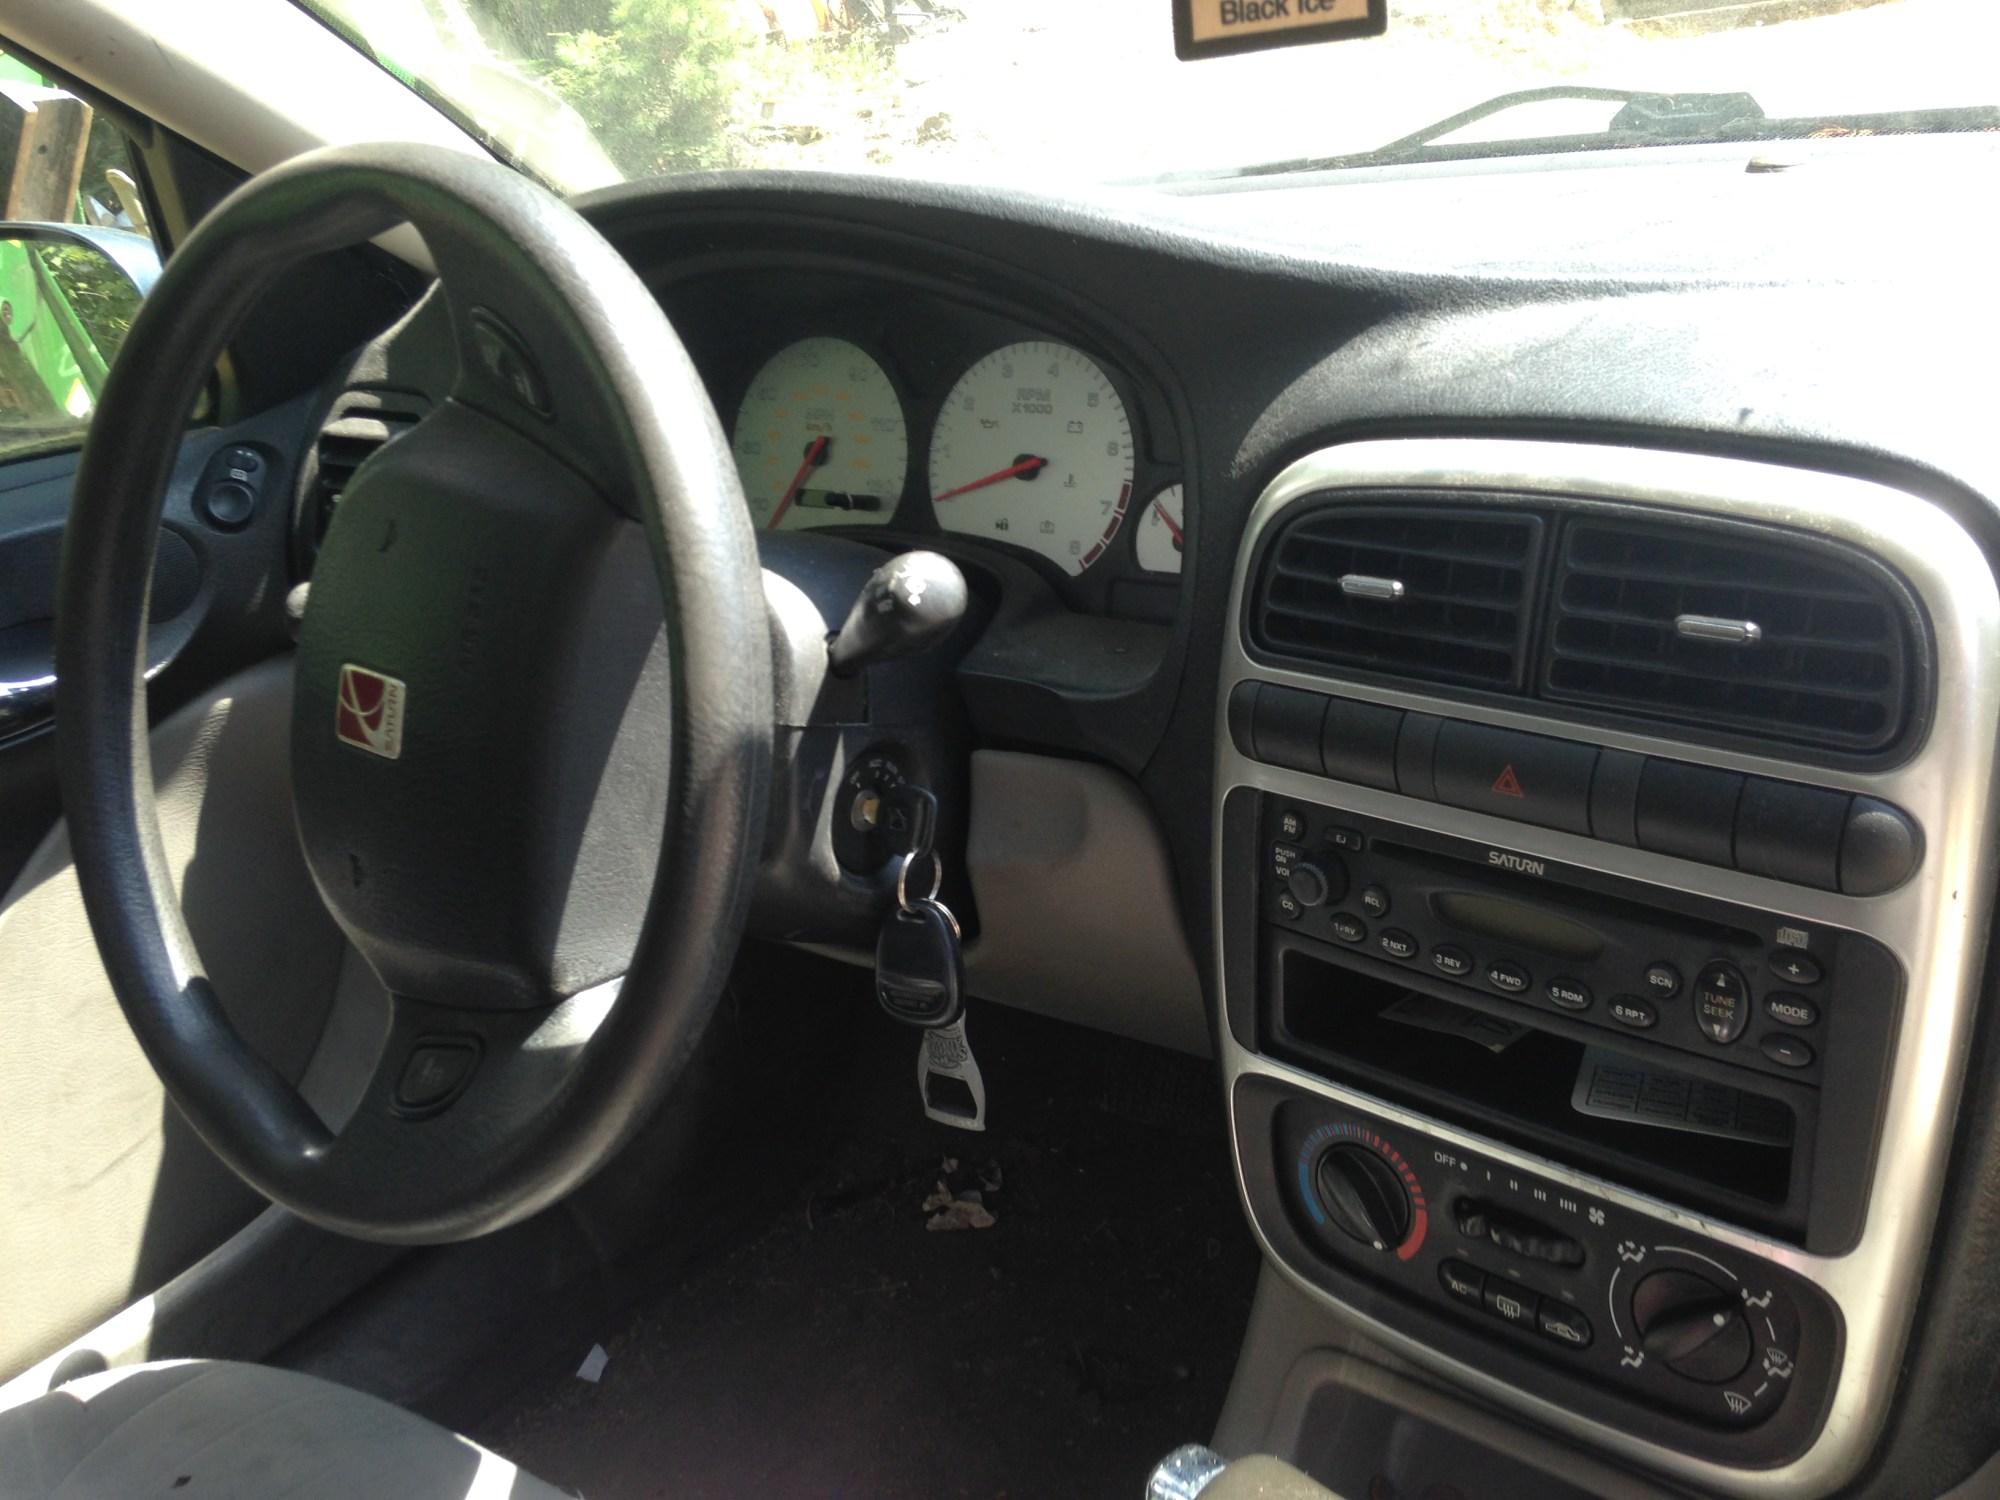 hight resolution of interior of a 2003 saturn l200 sedan